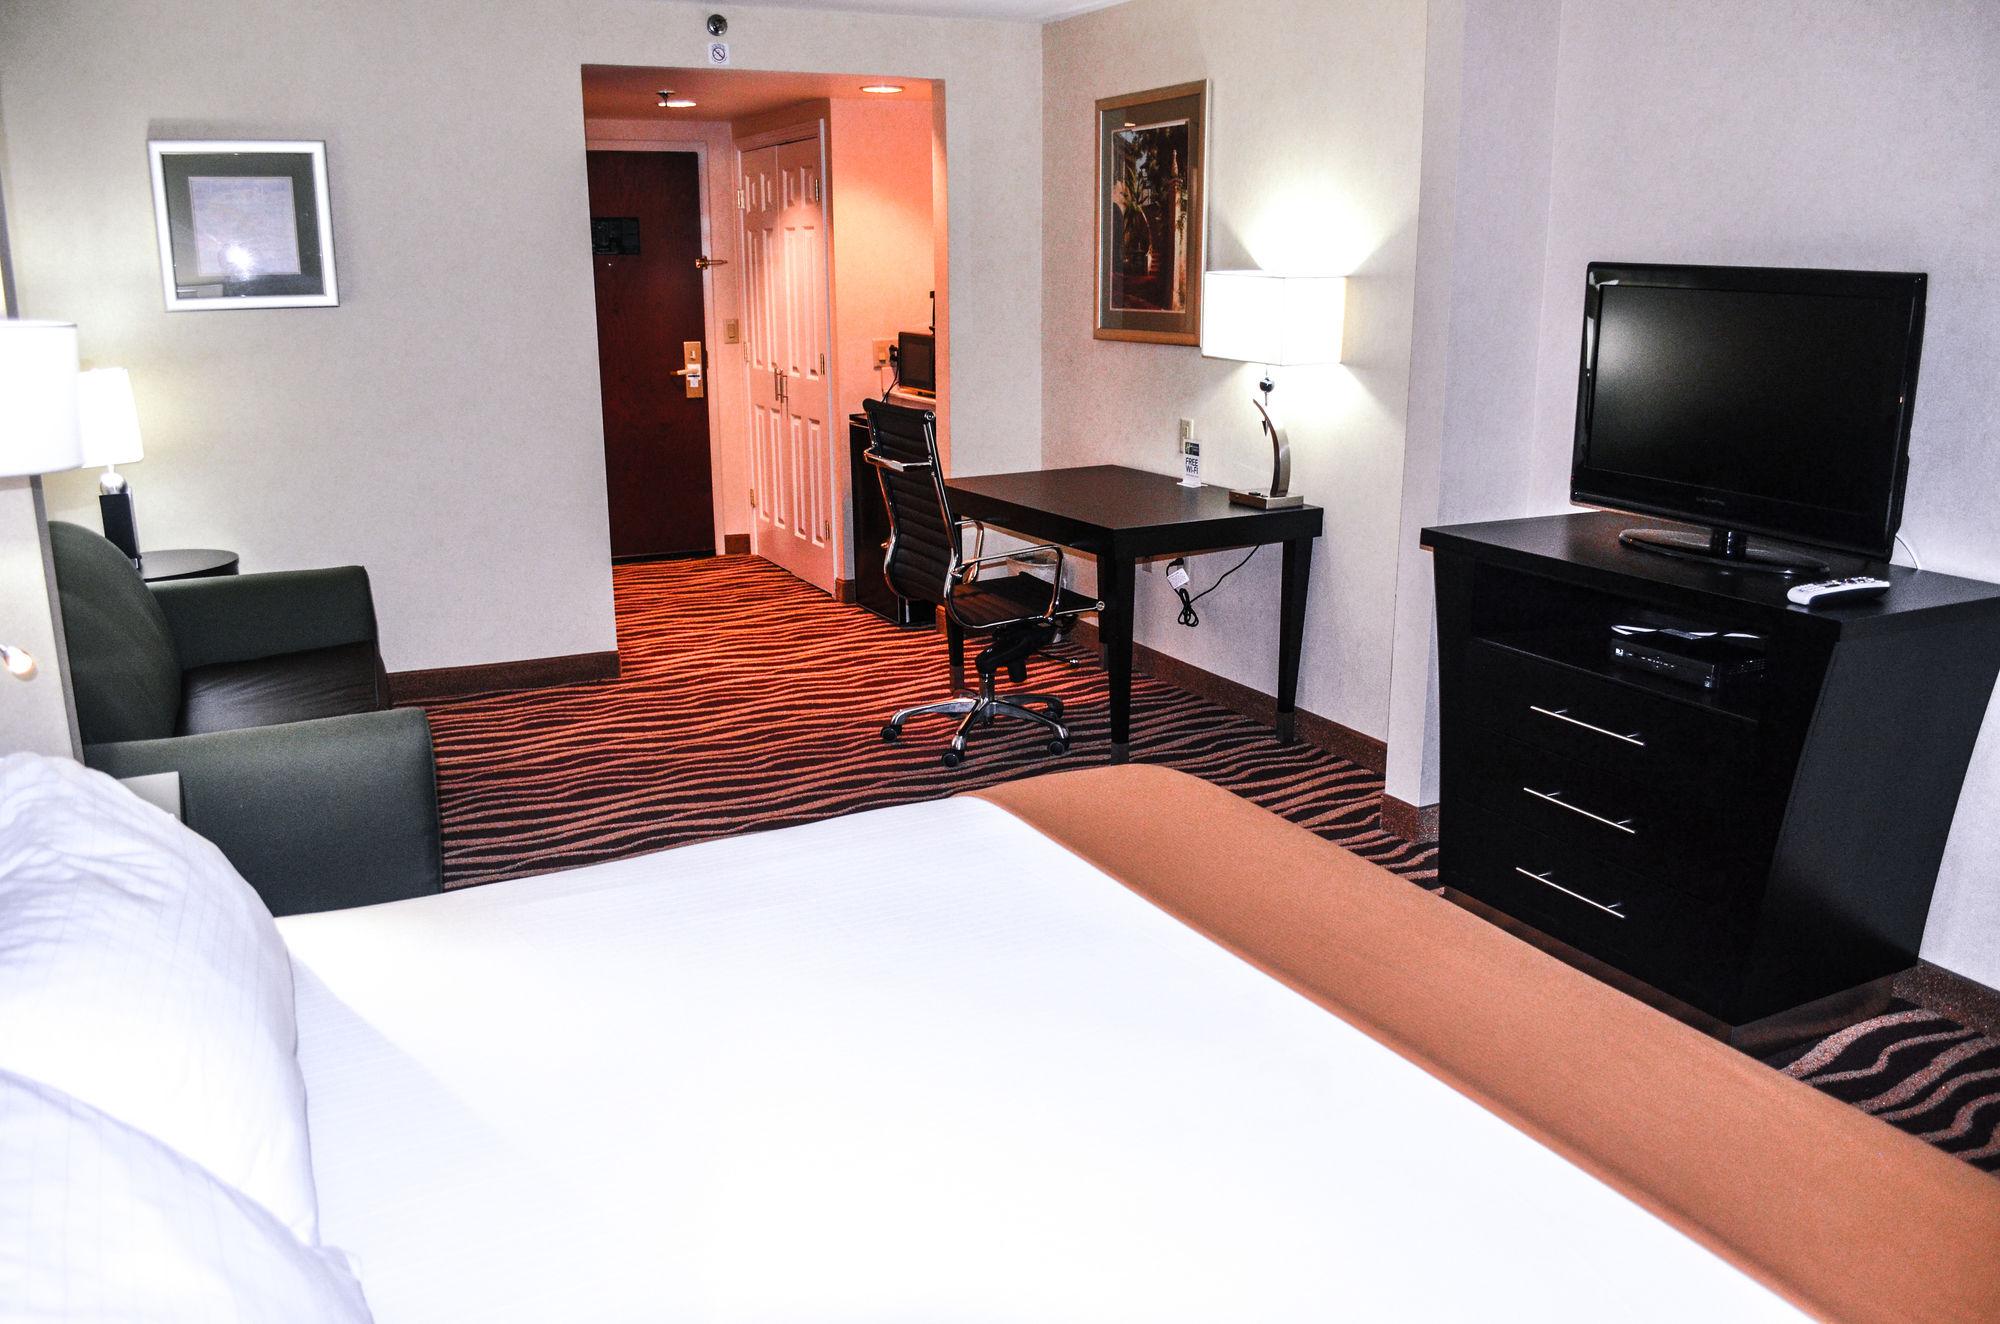 Holiday Inn Express Marietta in Marietta, GA